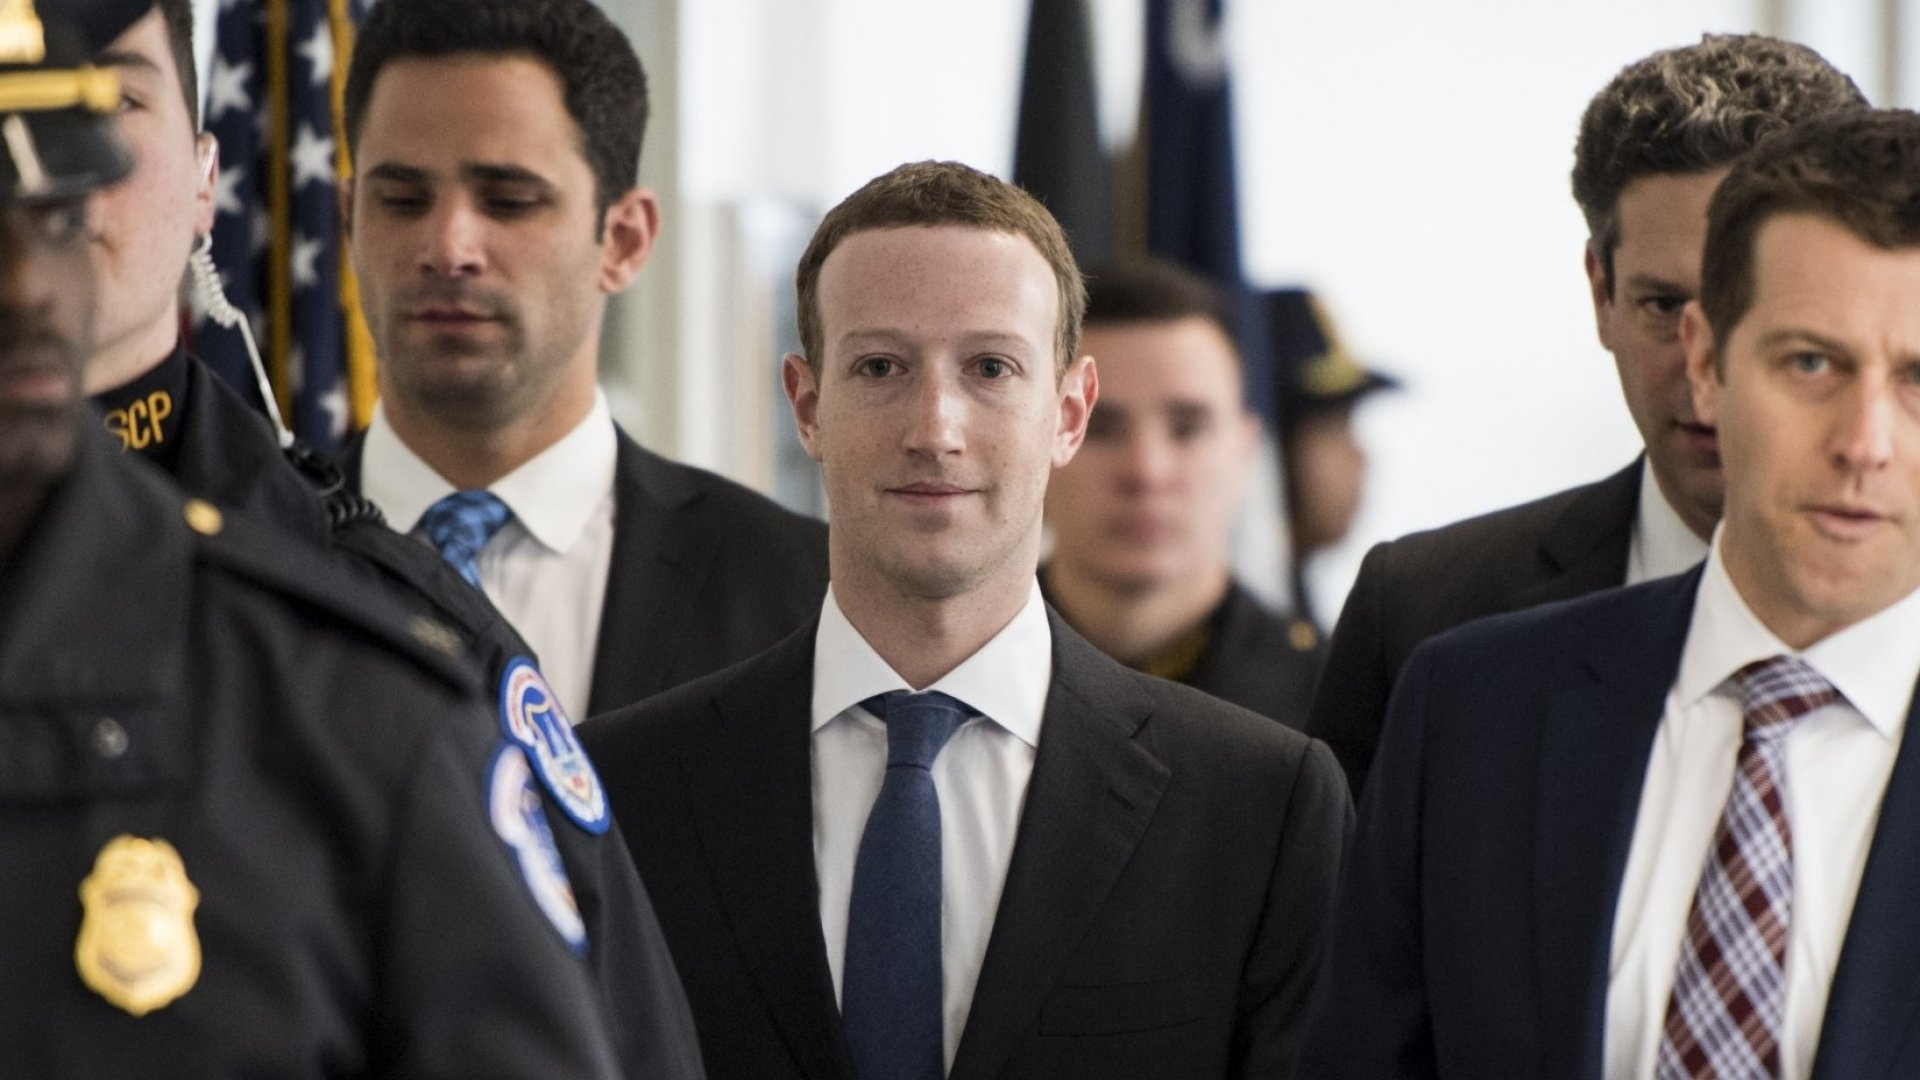 फेसबुकका सिईओ मार्क जुकरबर्गको सुरक्षाका लागि गत वर्ष २ अर्ब ७६ करोड रुपैयाँ खर्च